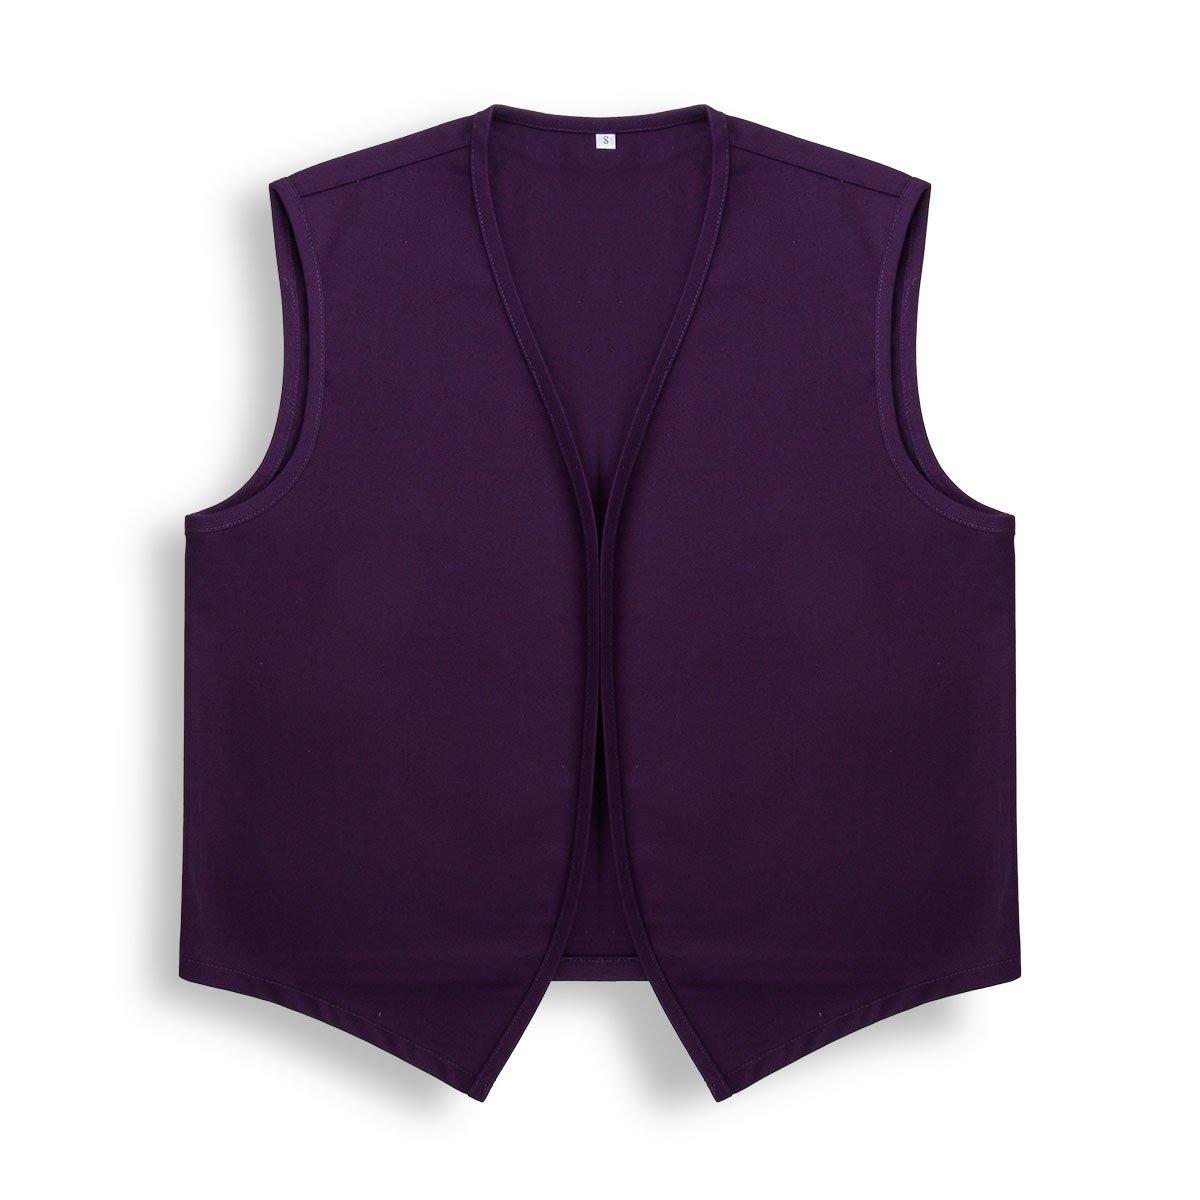 Unisex No Pocket Button Uniform Vest Halloween Costume Outfit